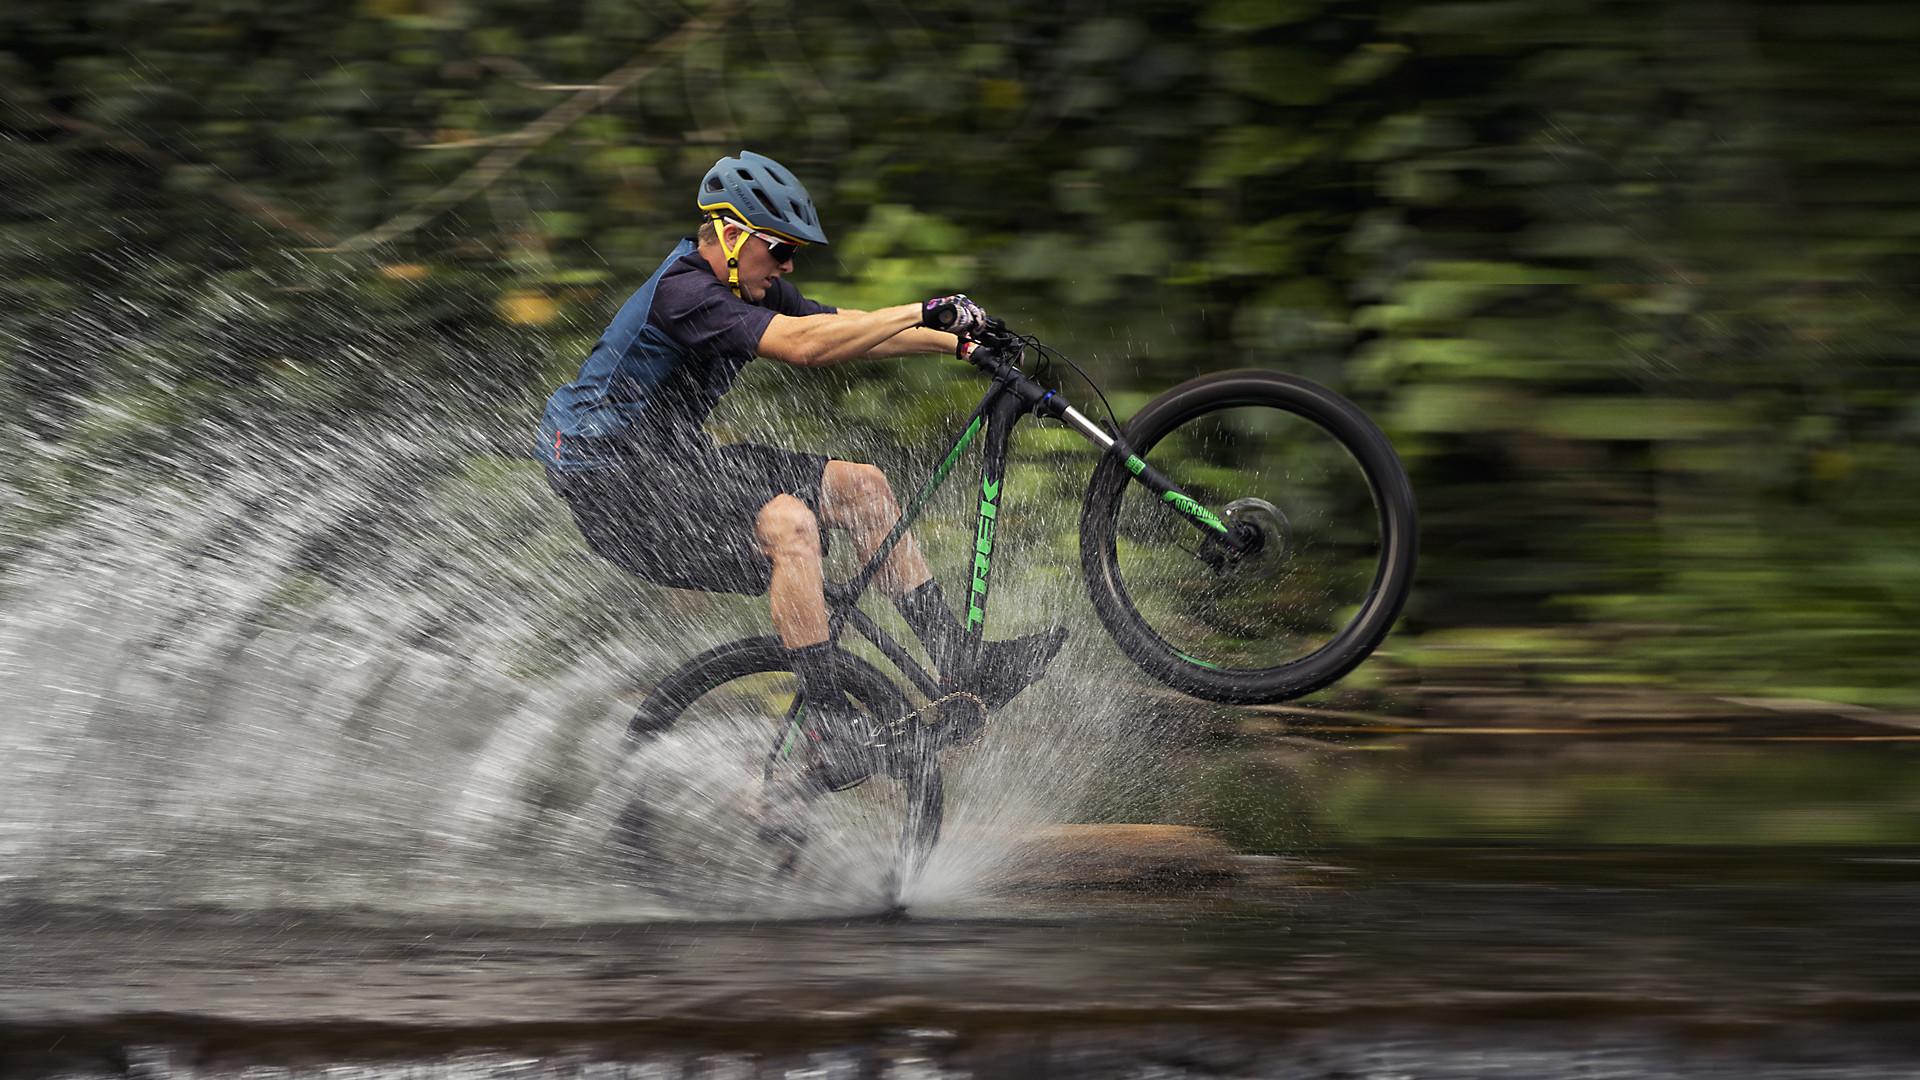 Bikes Accessoires Et Les Au Vélos Meilleurs Trek xgAwdq6Oxn